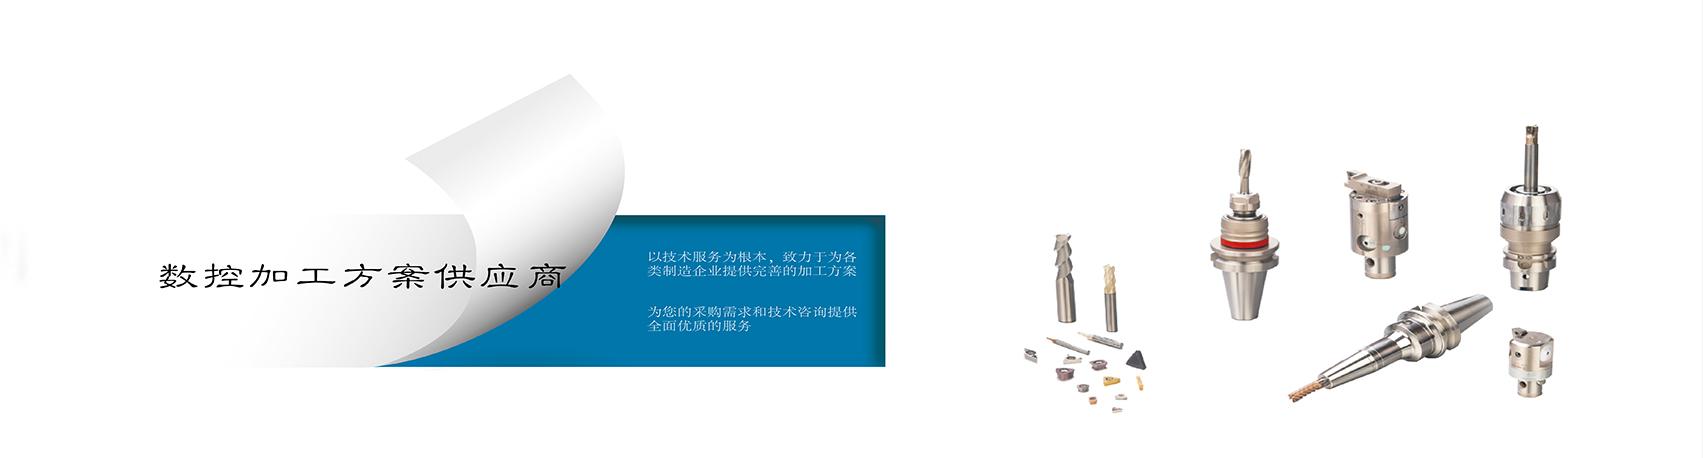 合肥数控刀具